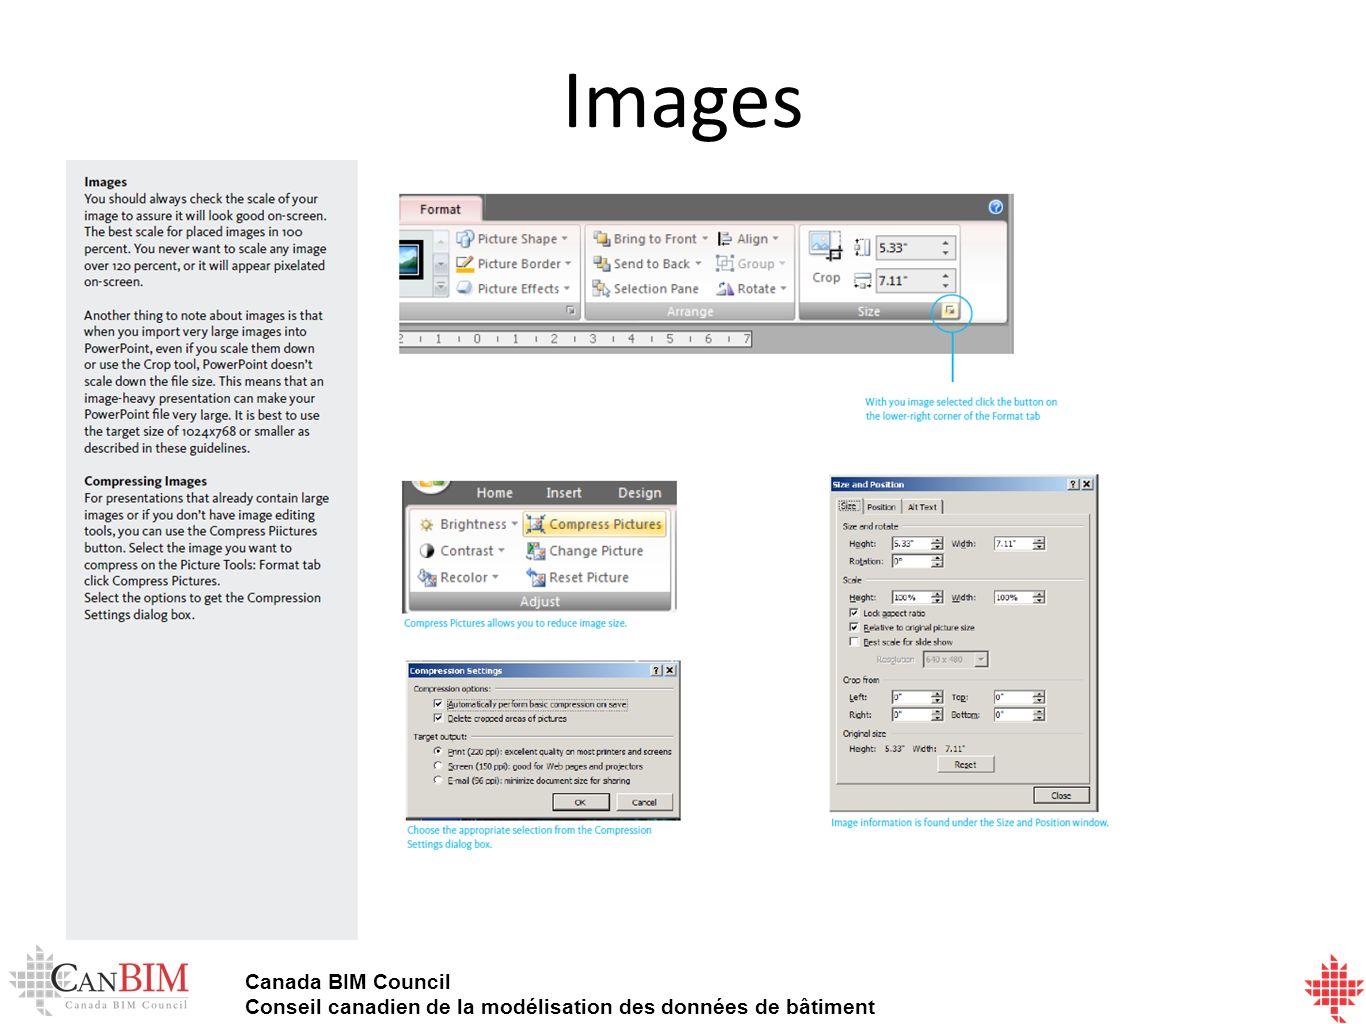 Canada BIM Council Conseil canadien de la modélisation des données de bâtiment Images